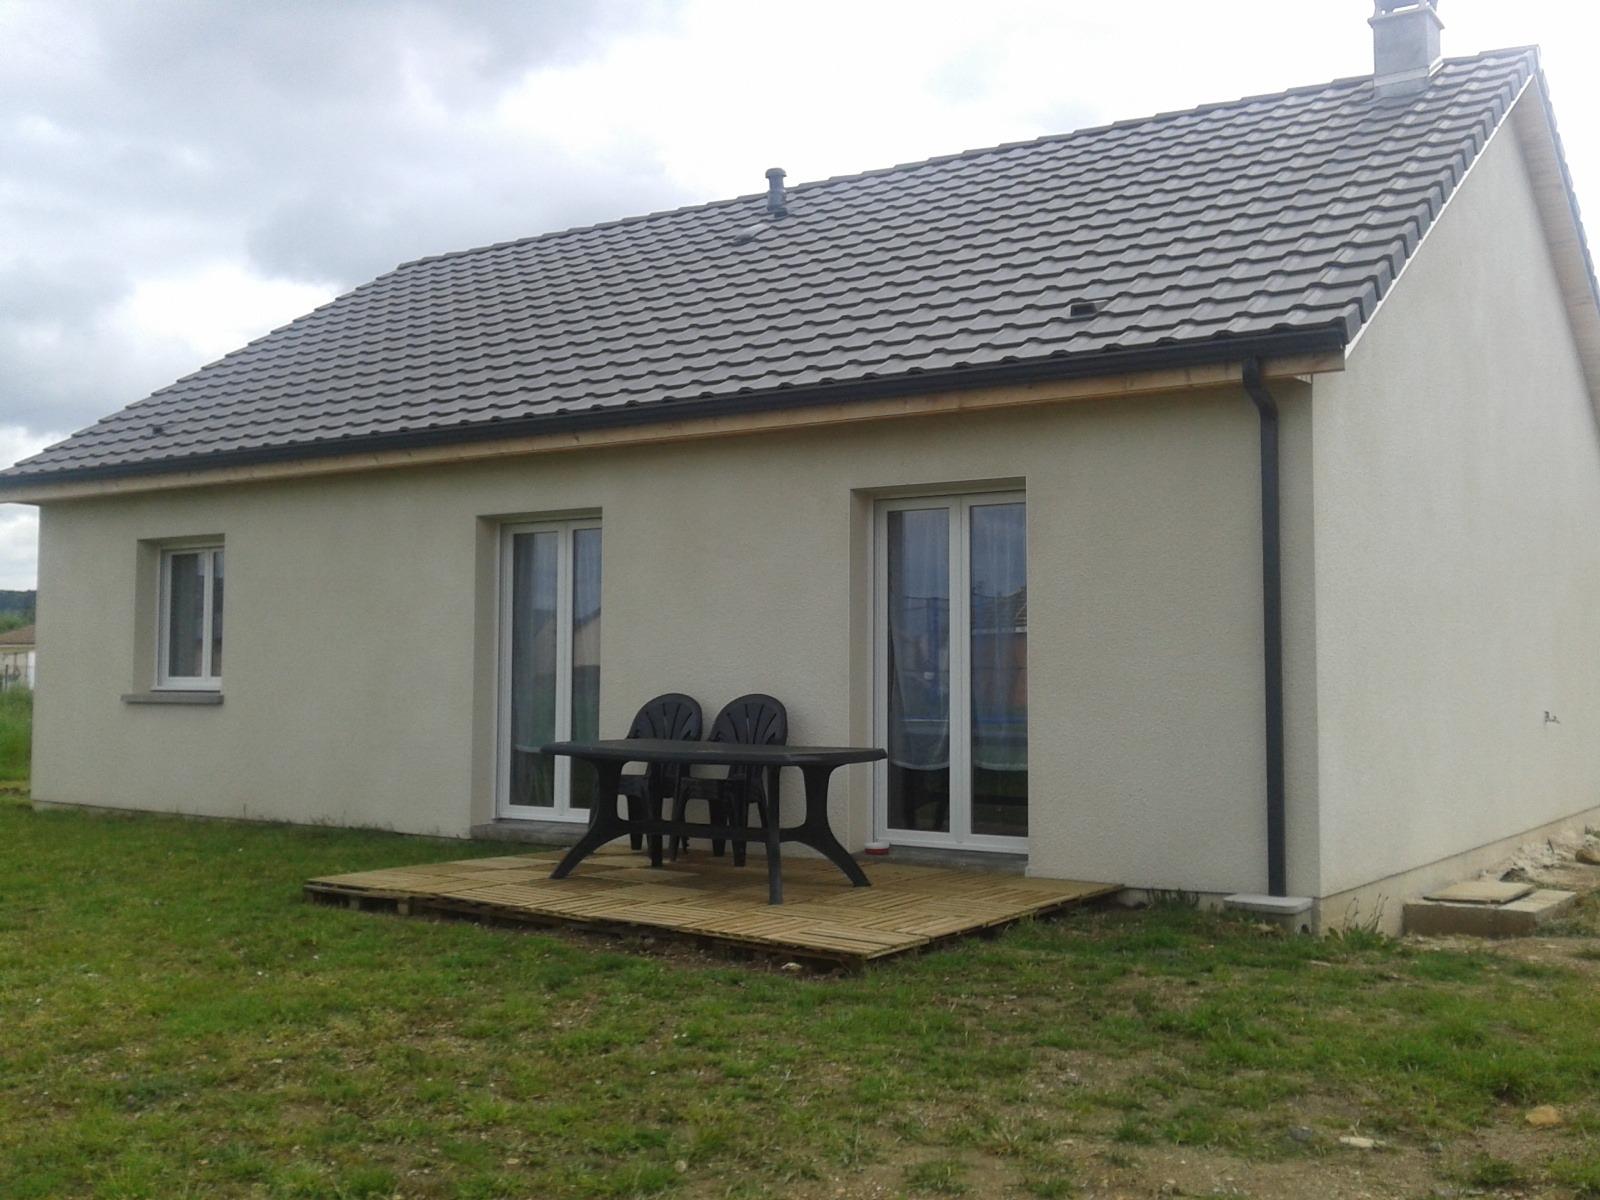 Vente maison mitoyenne sedan 08200 88m avec 5 pi ce s for Achat maison neuve villebon sur yvette